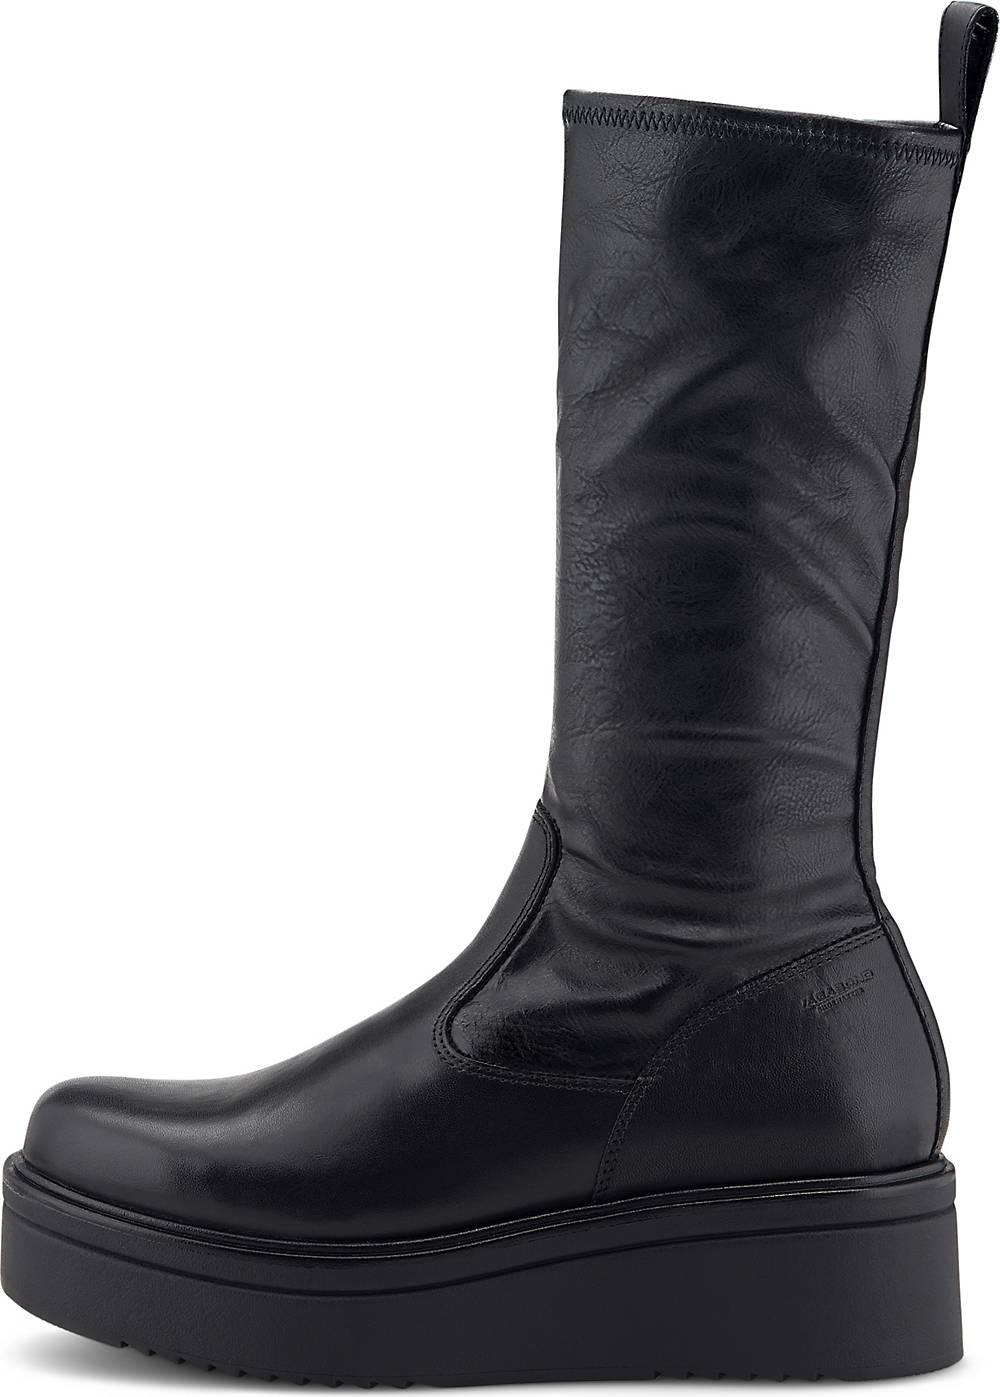 Vagabond| Plateau-Stiefel Tara in schwarz| Stiefel für Damen | Schuhe > Stiefel | Vagabond